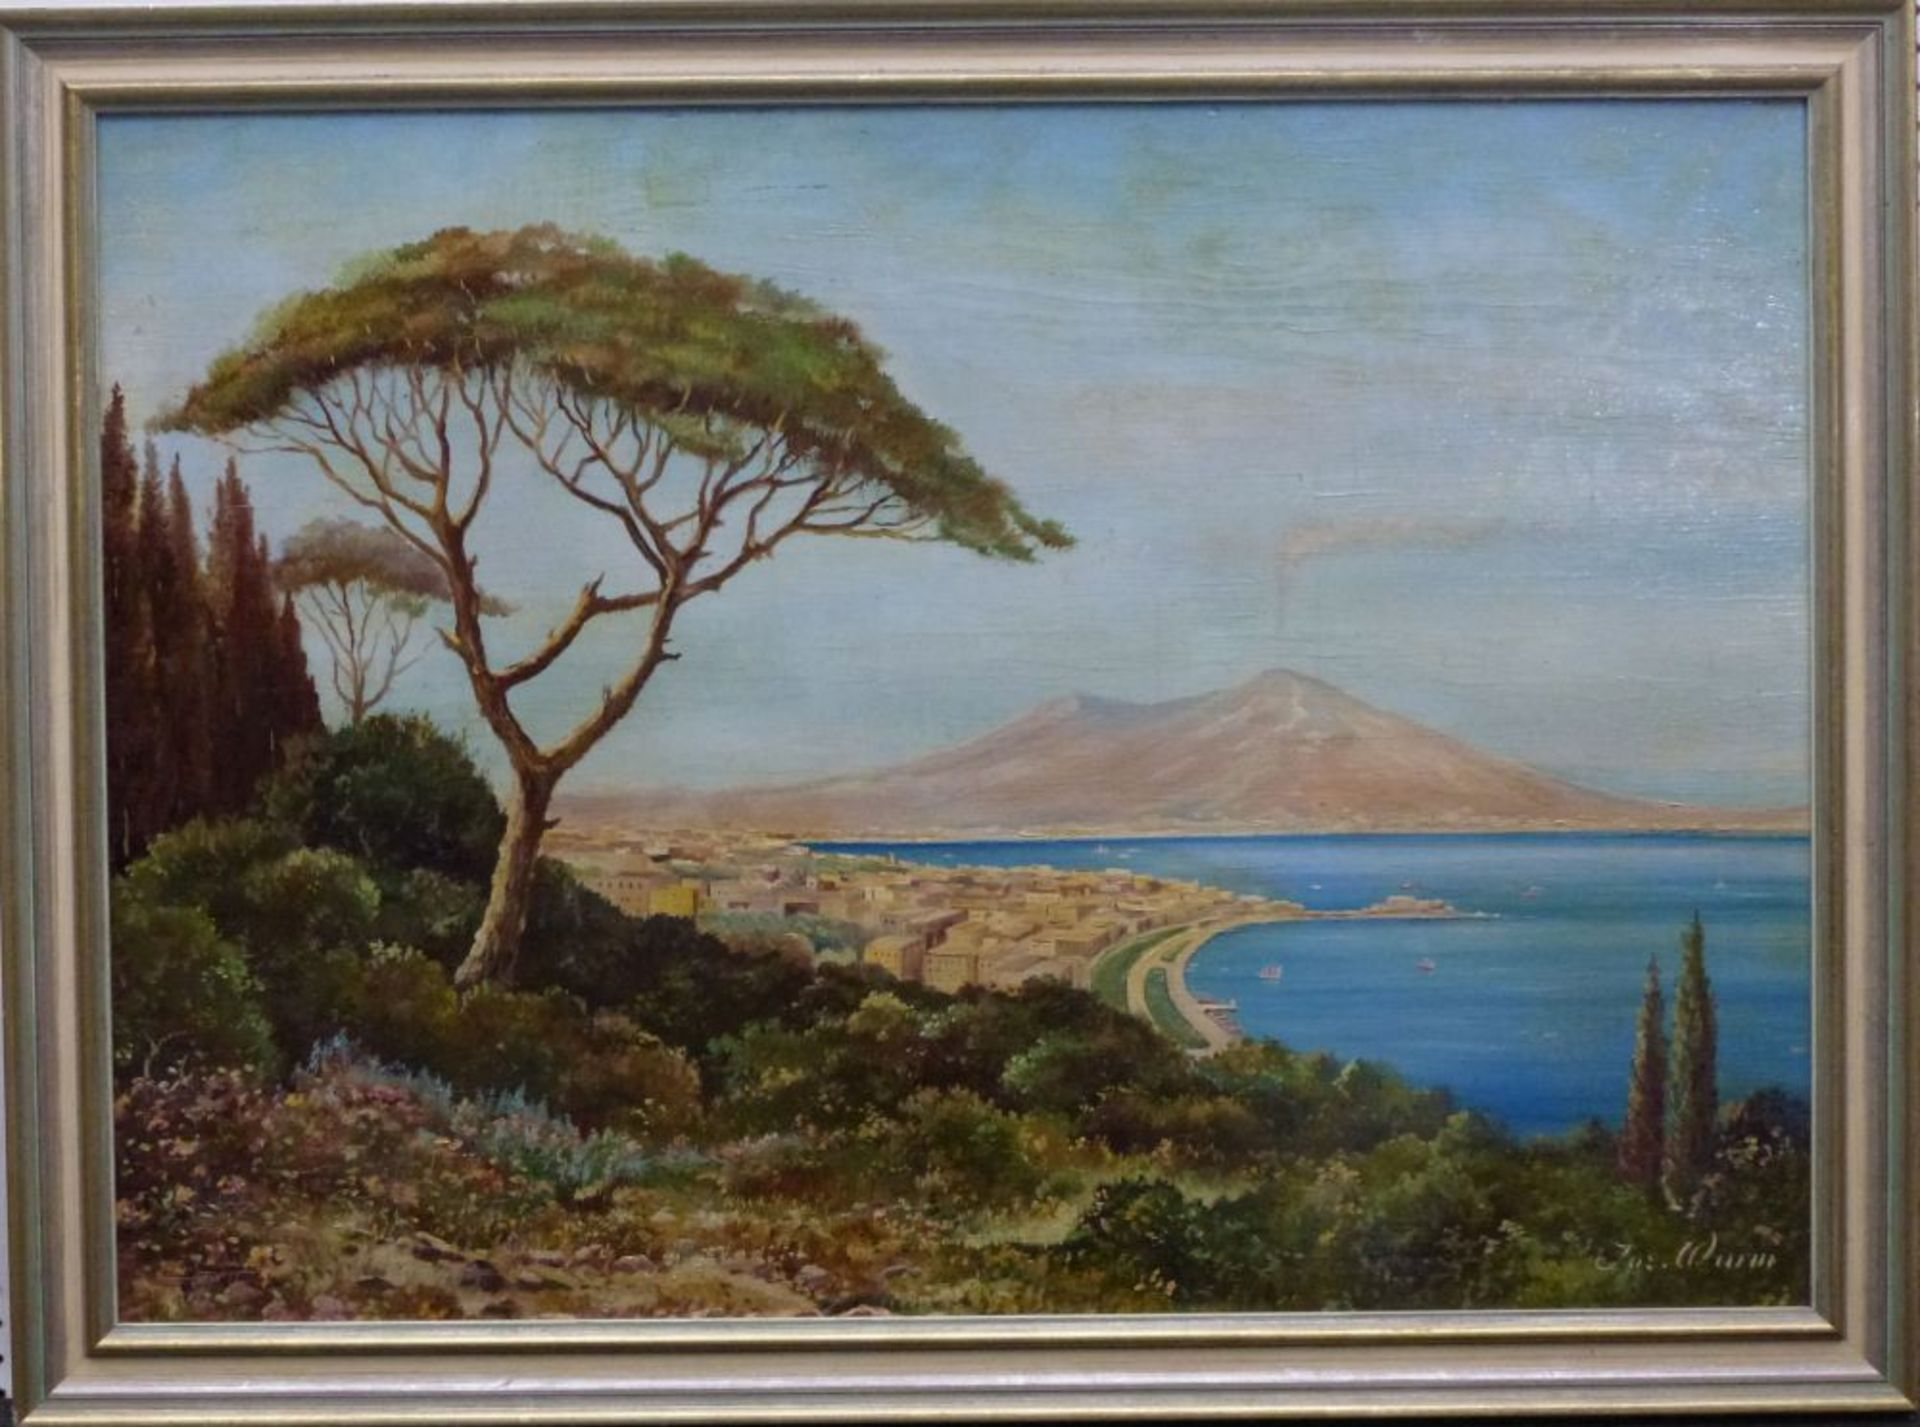 Golf von Neapel, Mitte 20.Jh.Öl/Platte, sign. Jos. Wurm, Neapel m. rauchendem Vesuv im HG, R, - Bild 2 aus 3